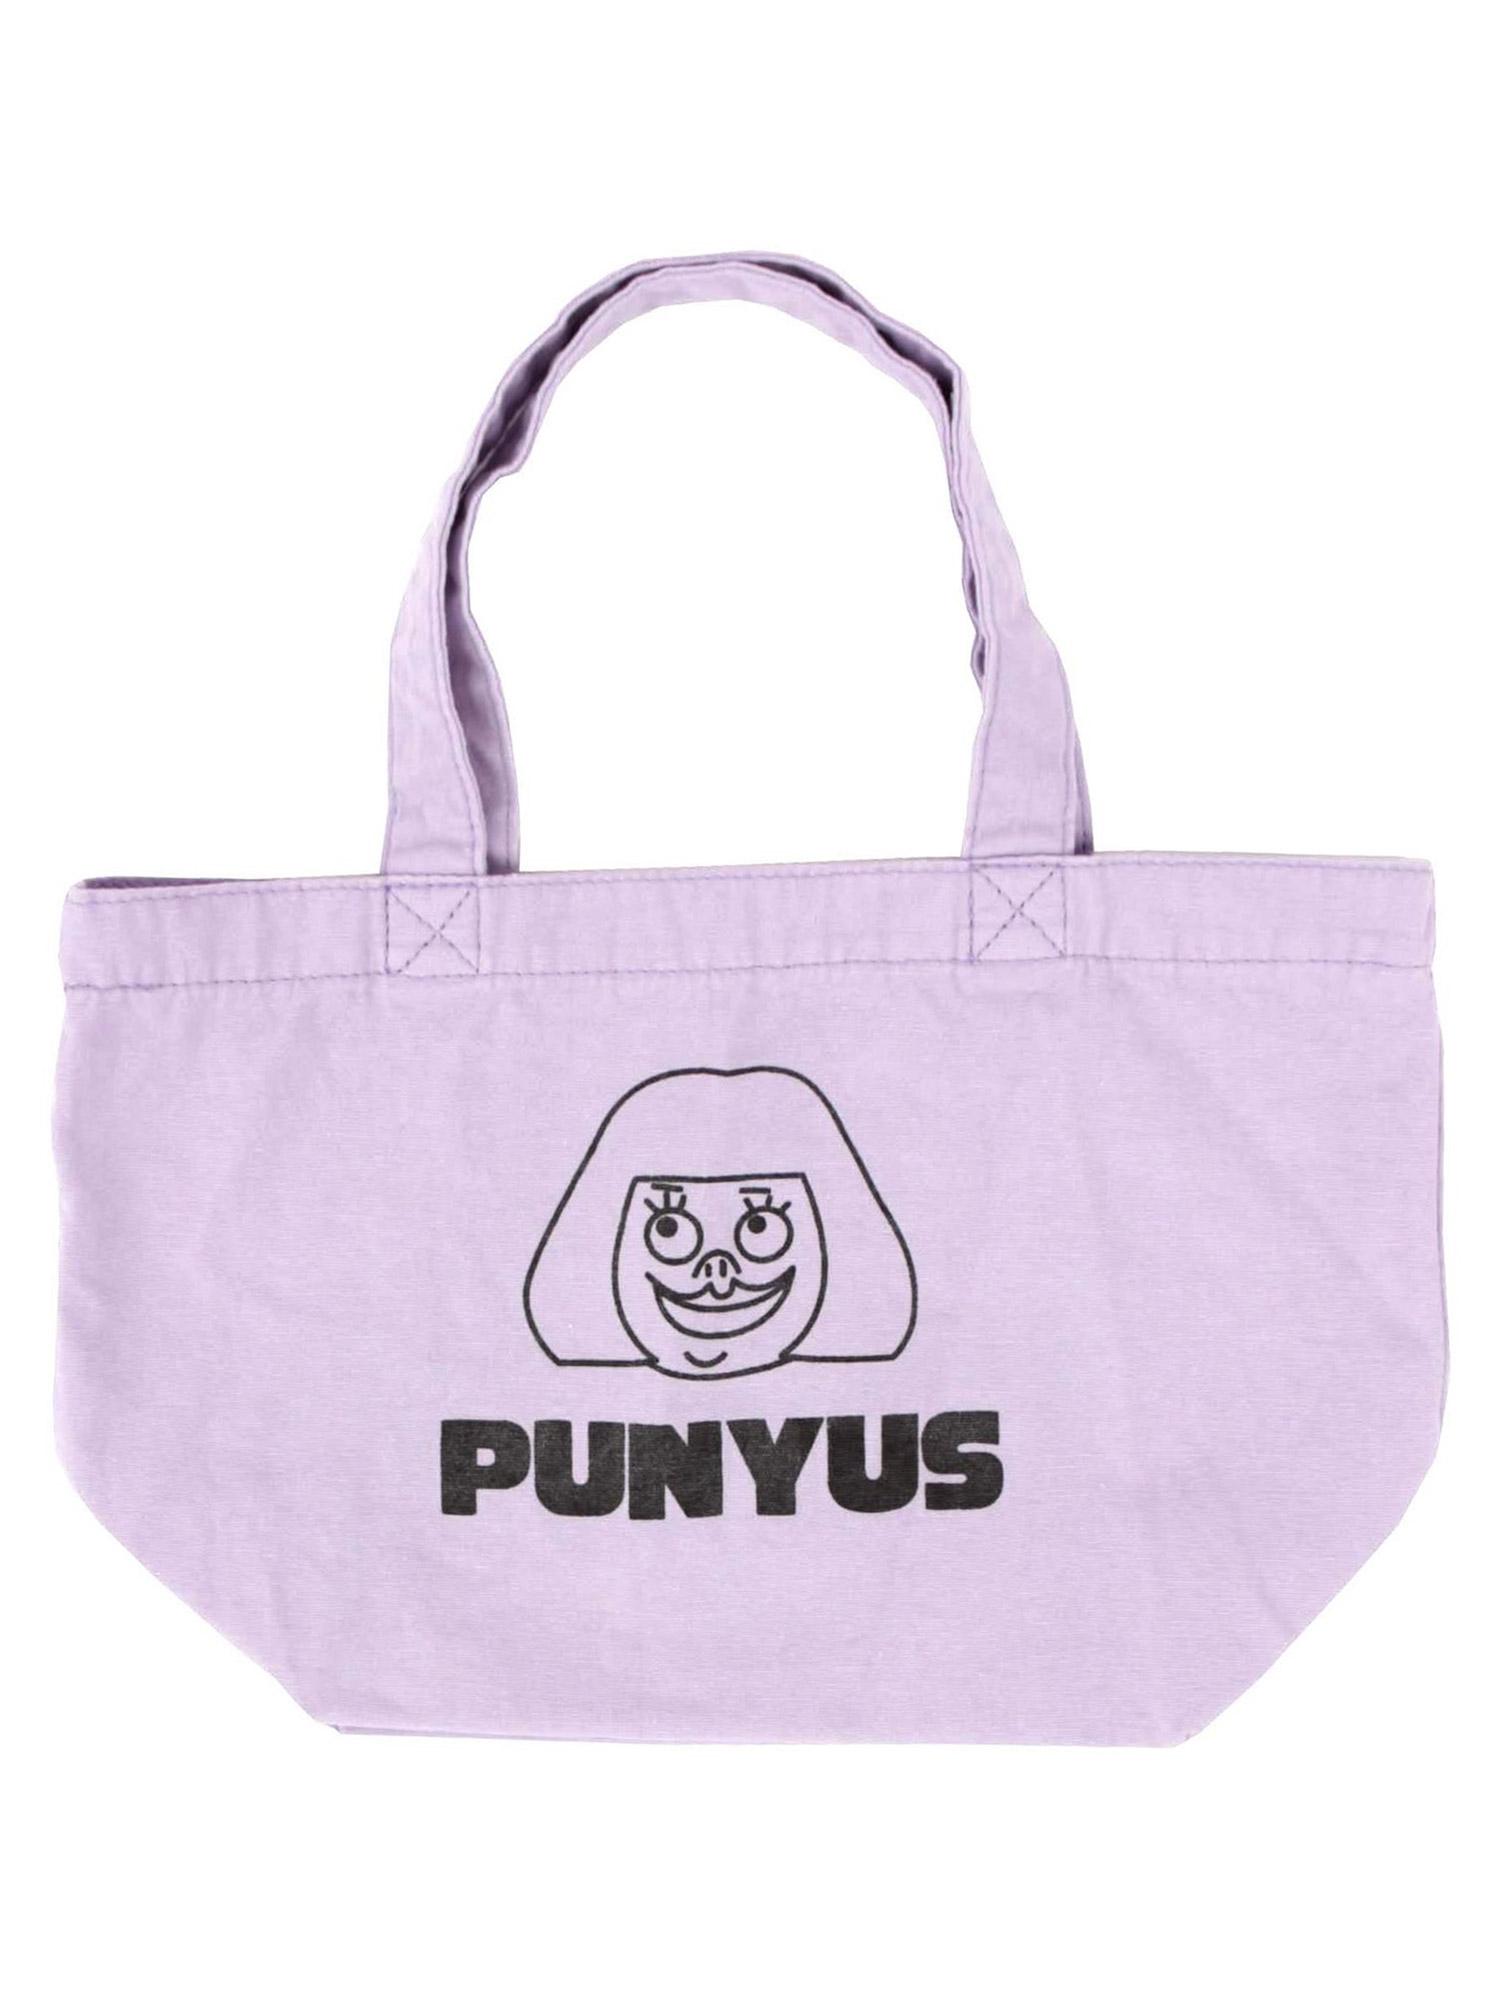 PUNYUS/カラーランチトート